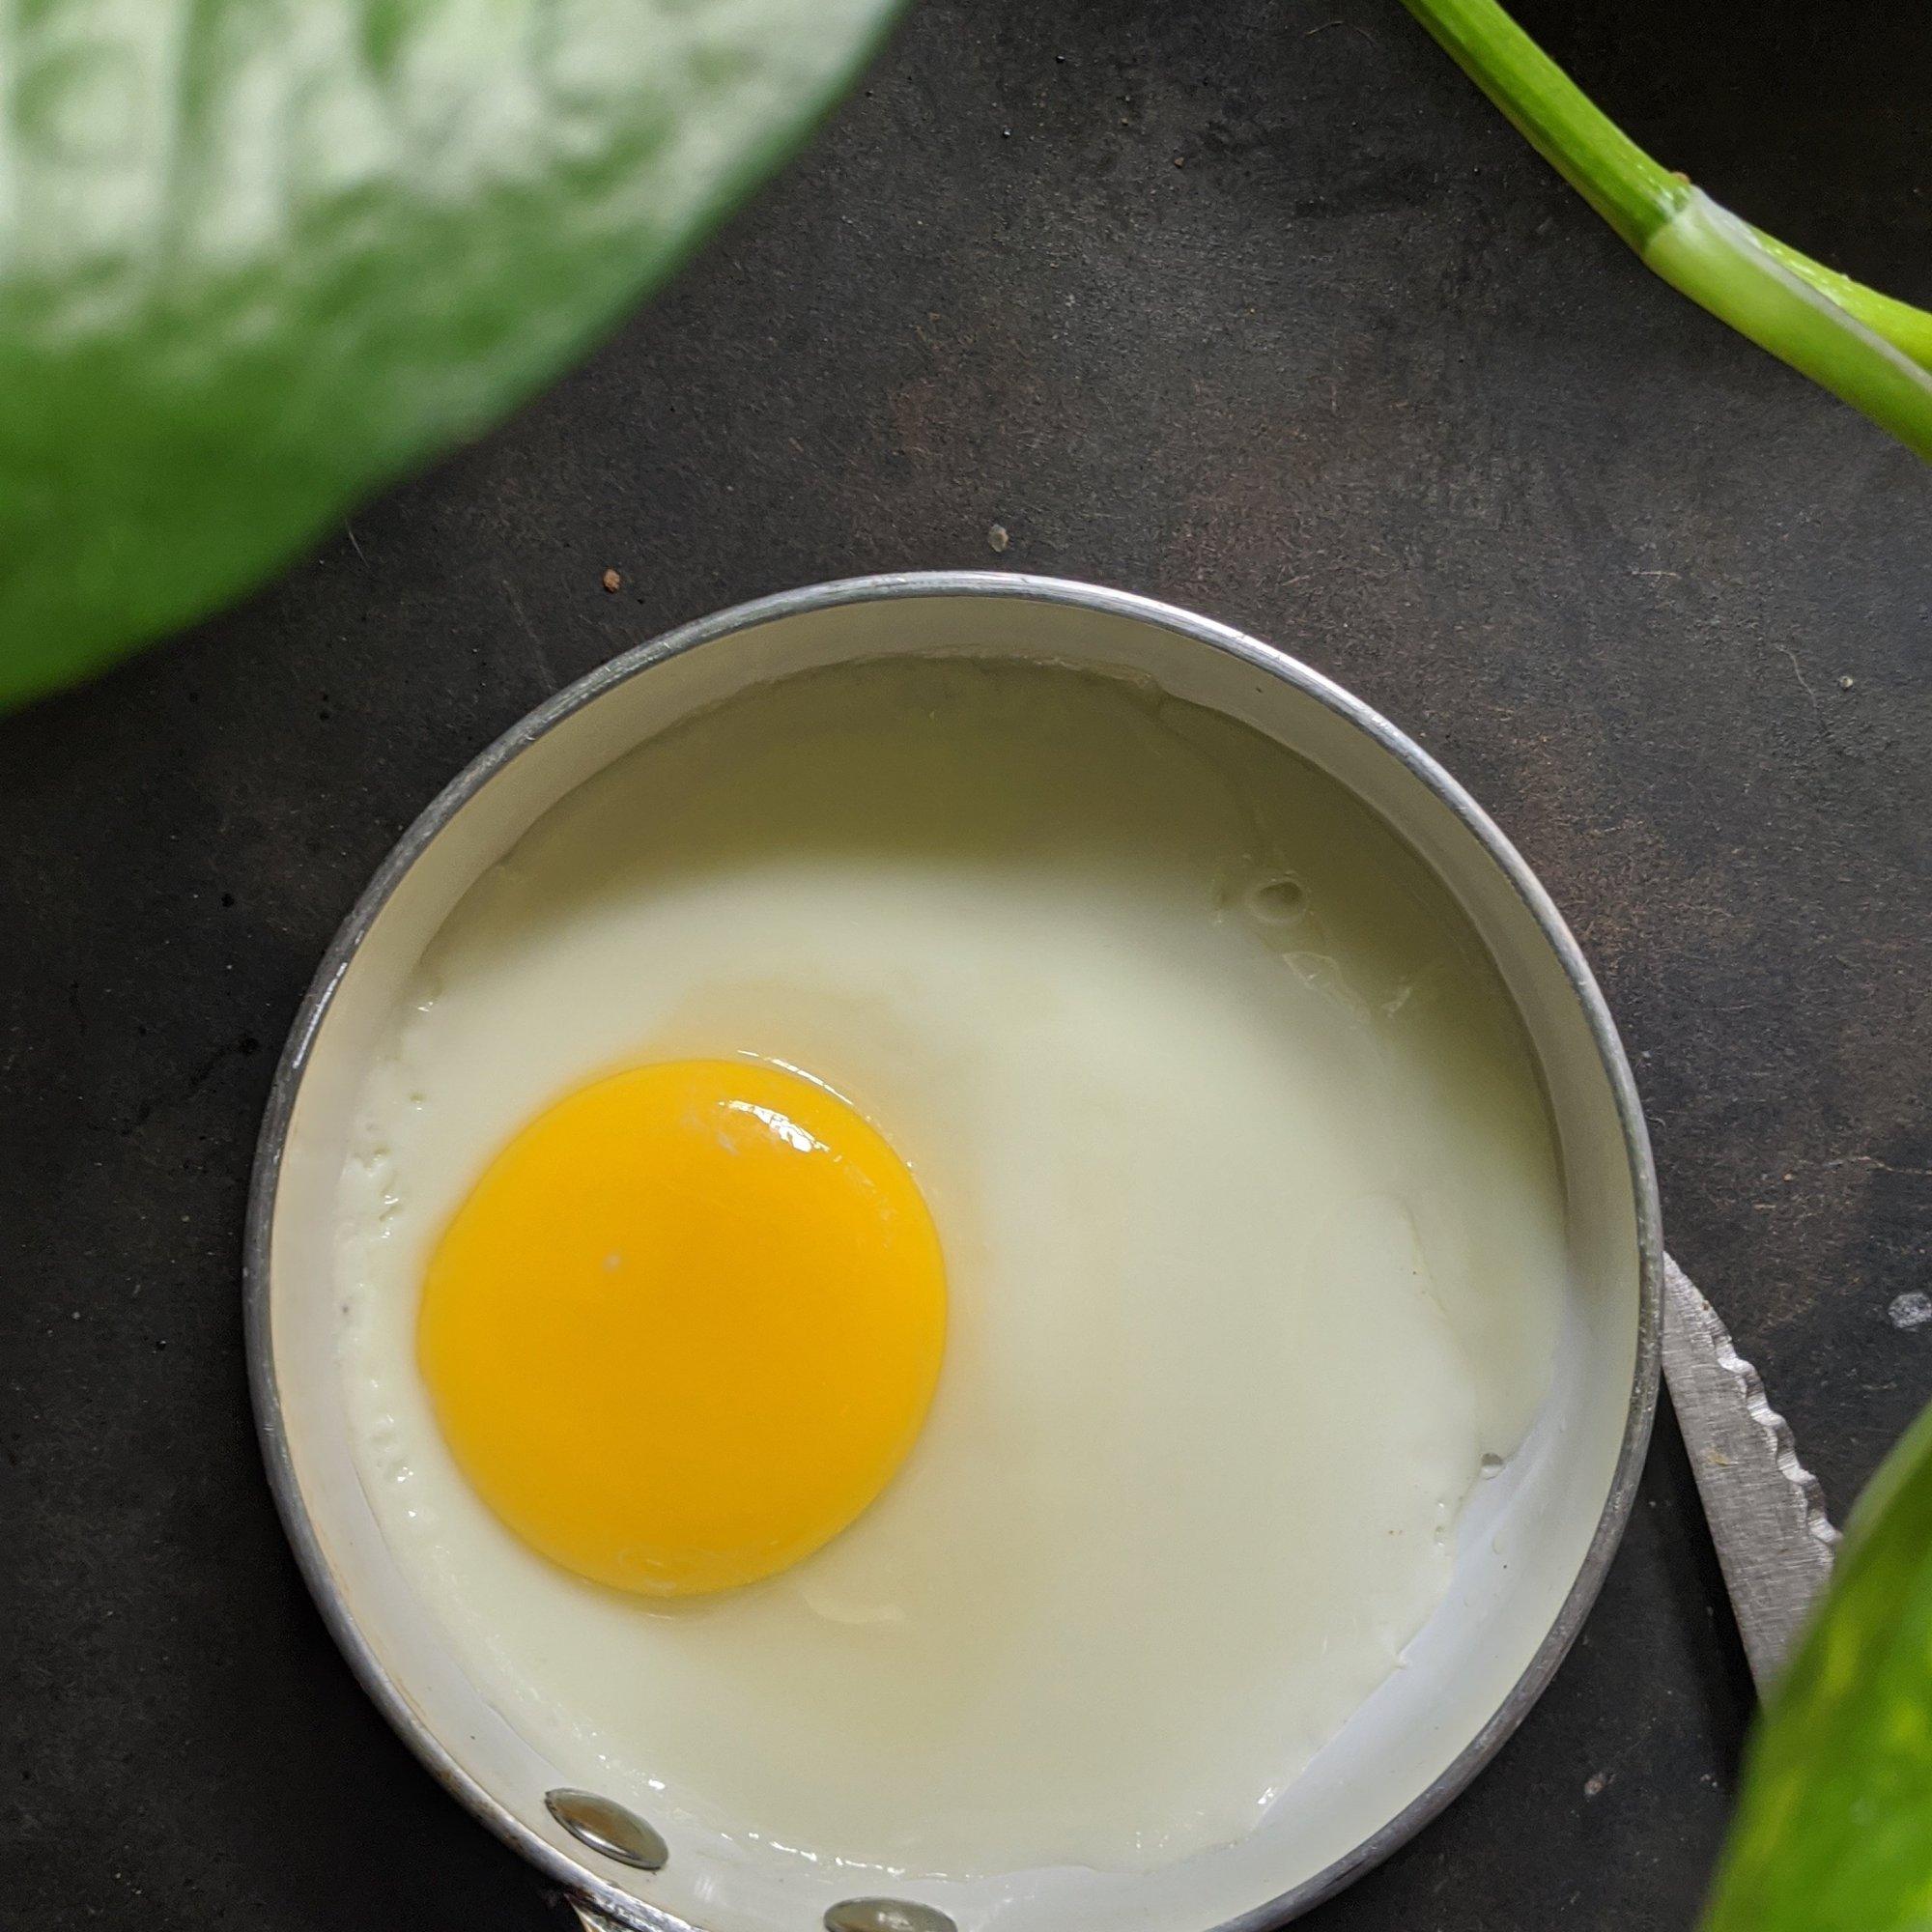 Fry an egg